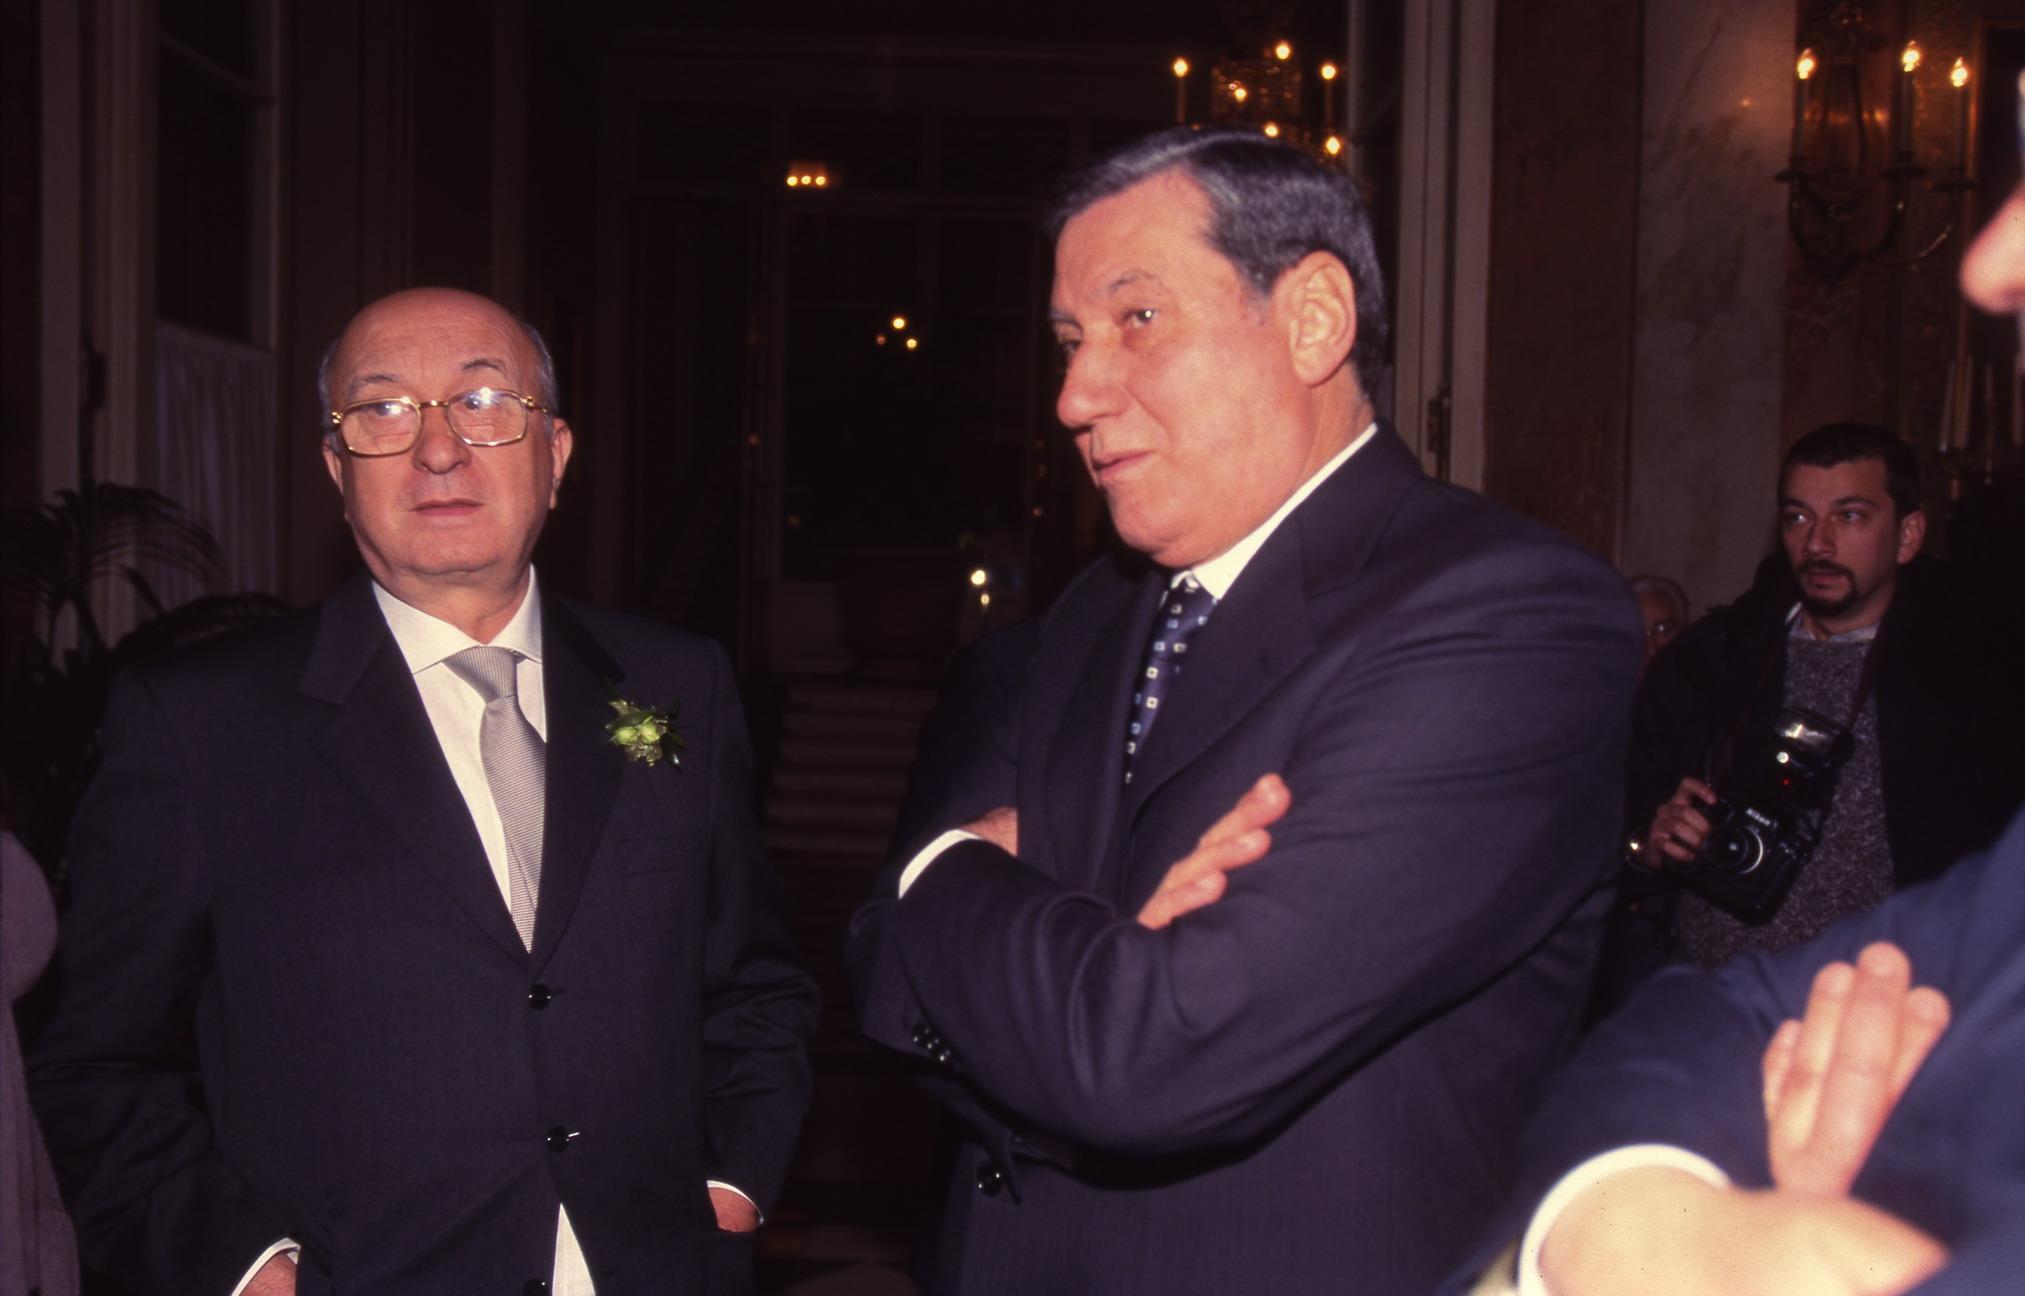 Ciriaco De Mita e Nicola Mancino